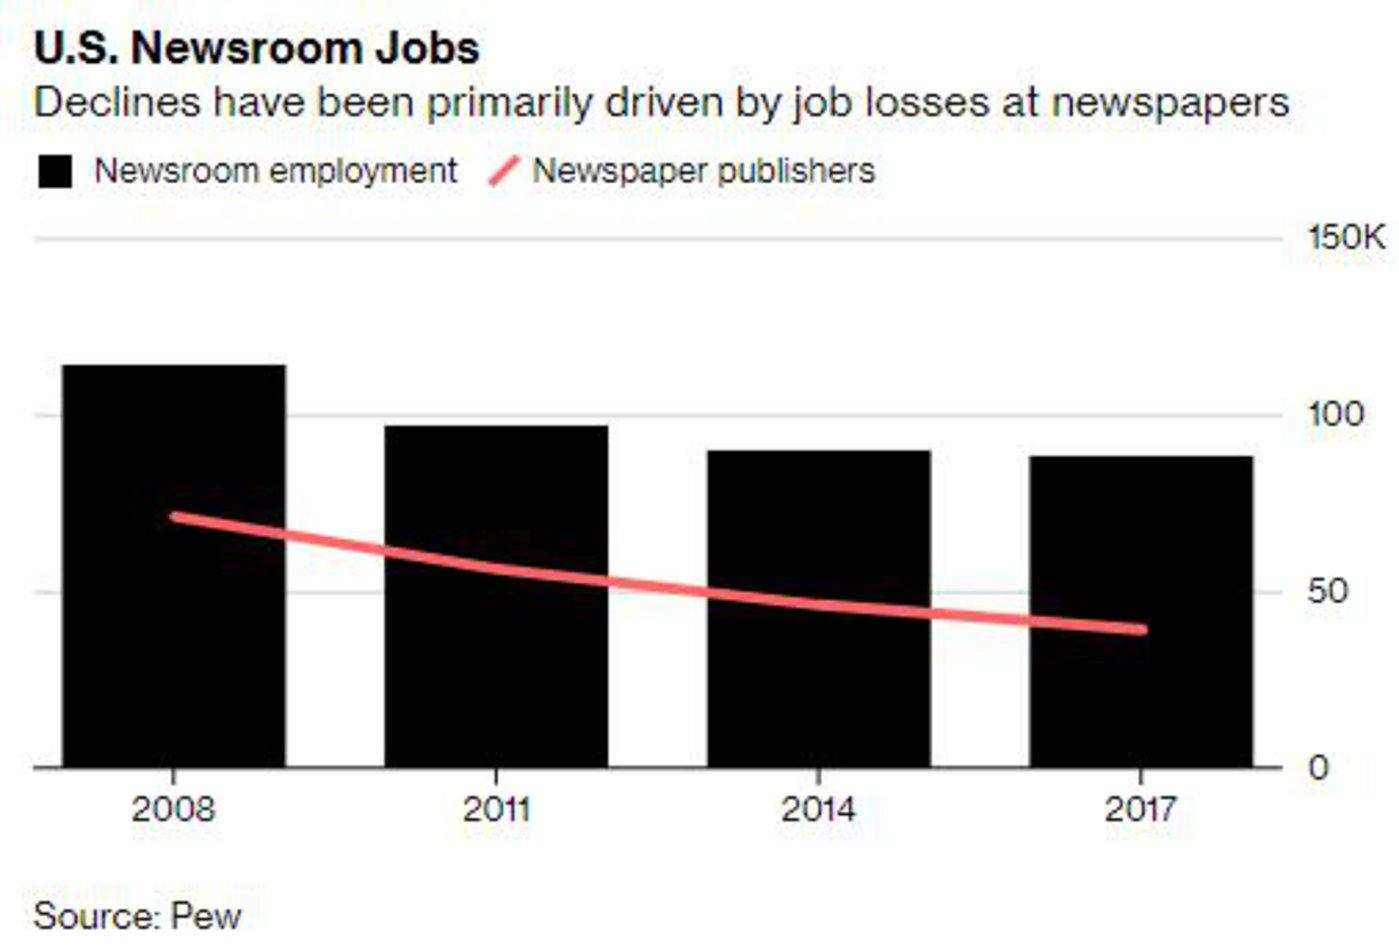 美国新闻业工作岗位